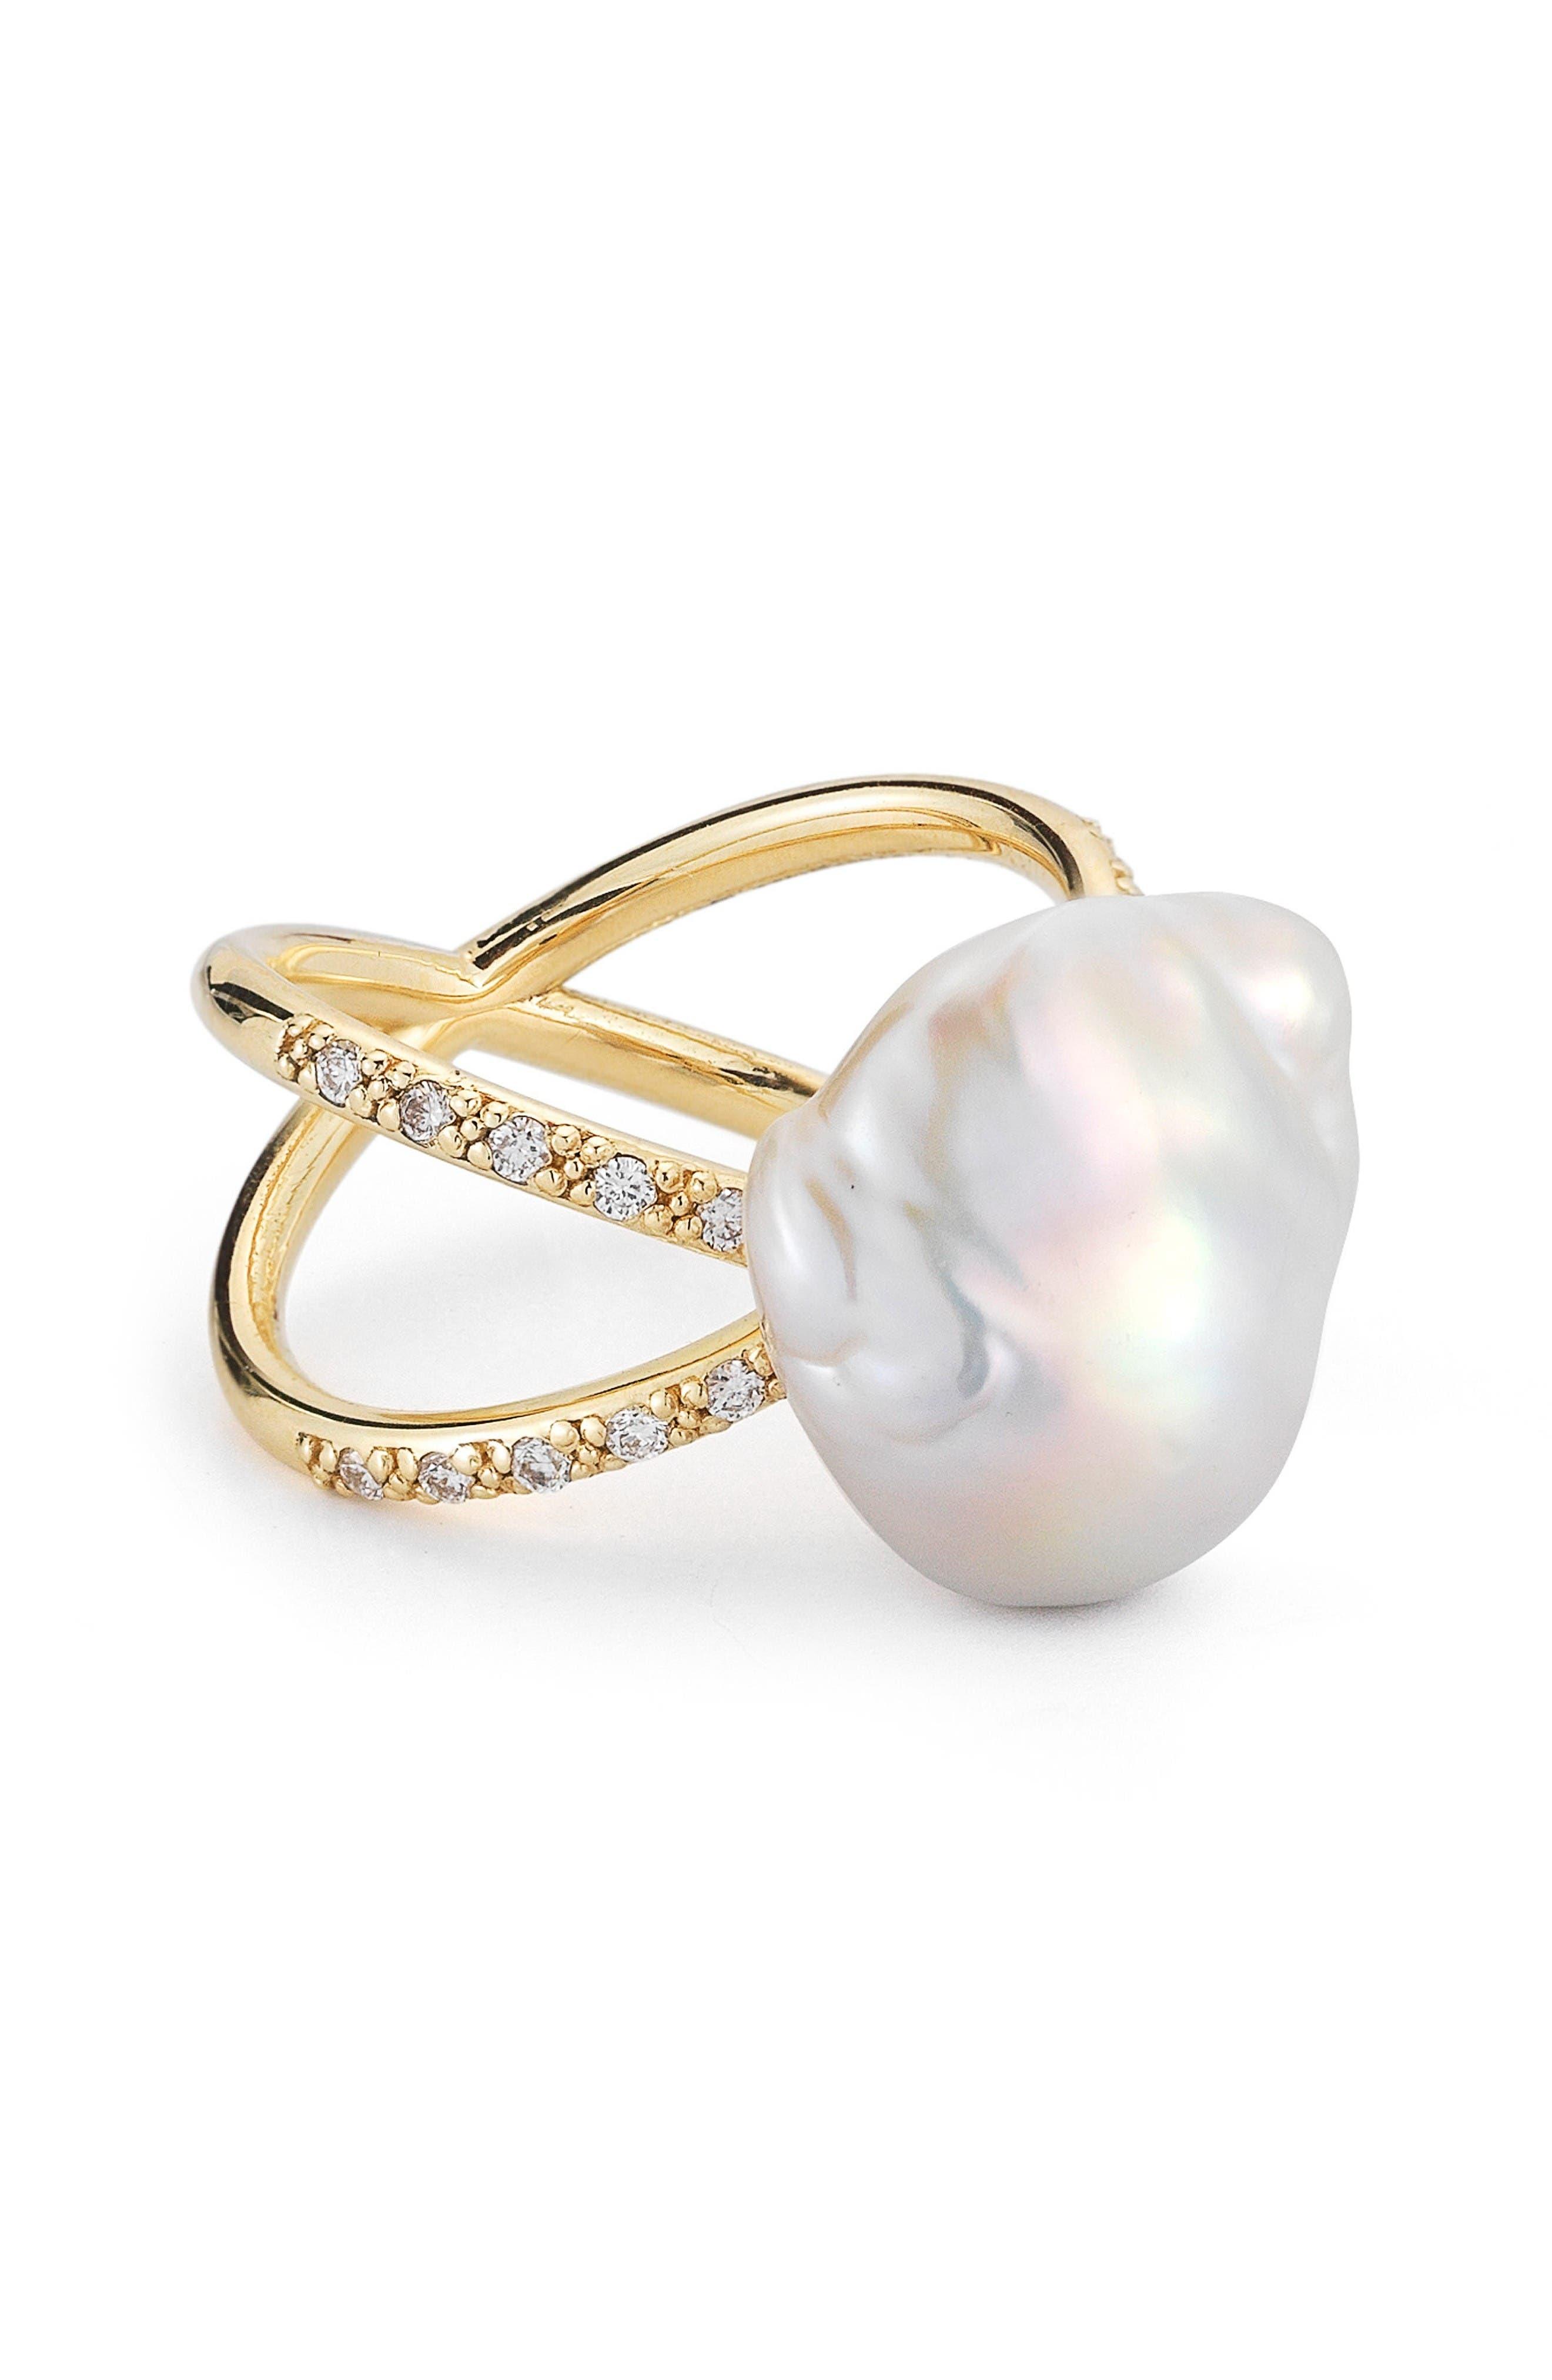 Alternate Image 1 Selected - Mizuki Pearl & Diamond Crossover Ring